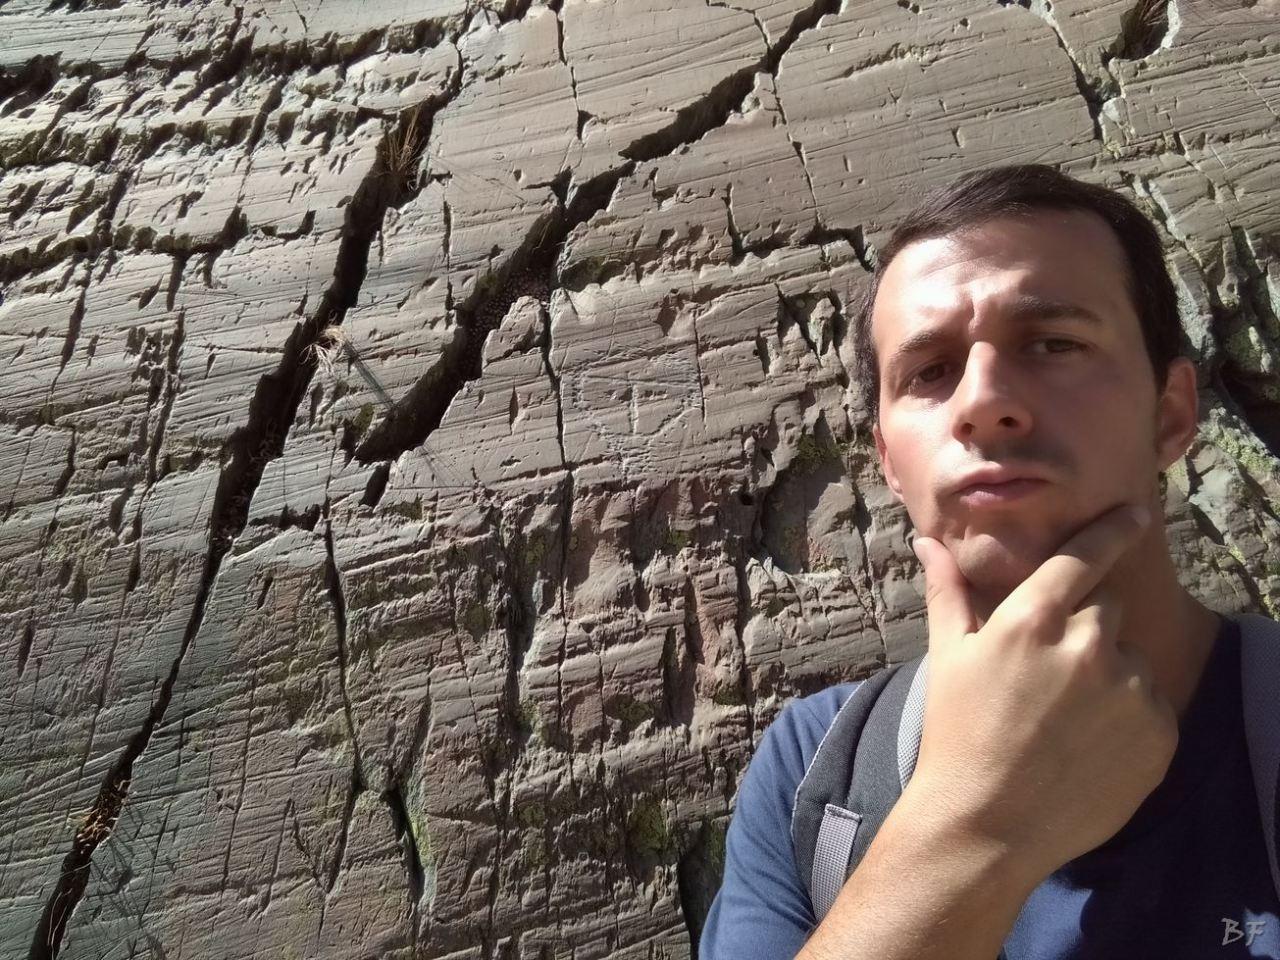 Valle-delle-Meraviglie-Incisioni-rupestri-Tenda-Alpi-Marittime-Francia-75